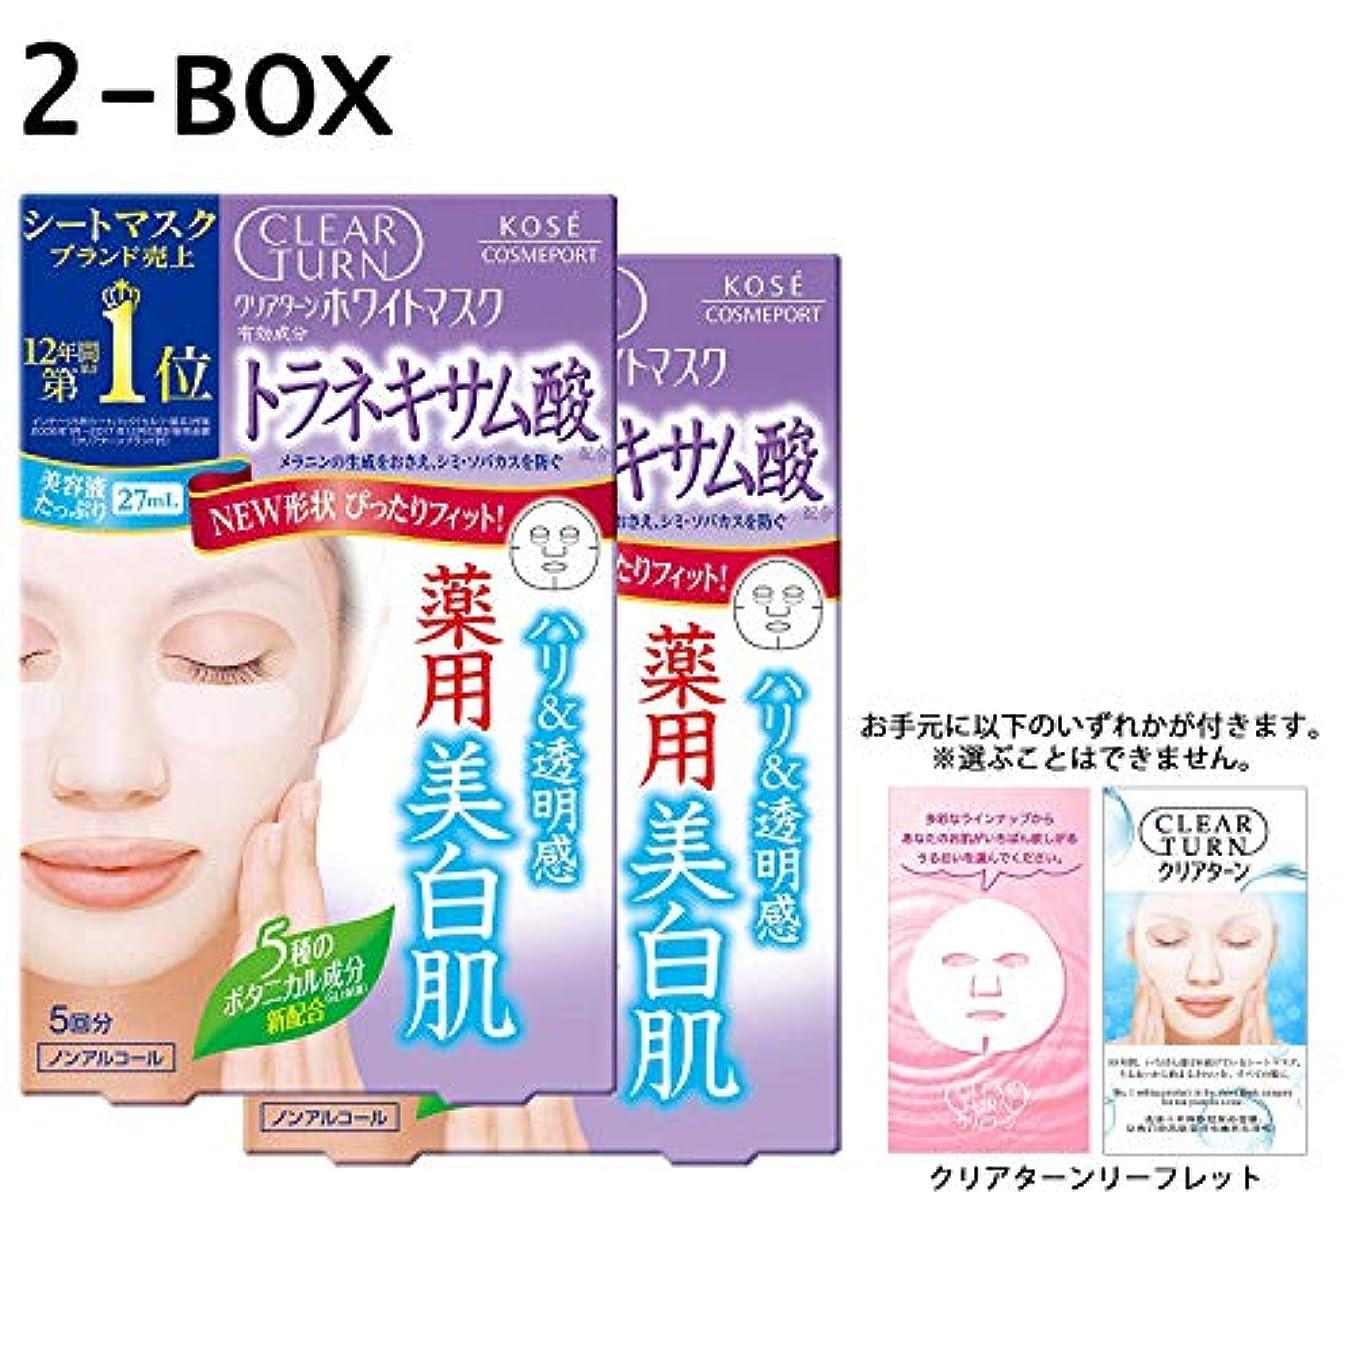 【Amazon.co.jp限定】KOSE クリアターン ホワイト マスク トラネキサム酸 5枚 2P+リーフレット フェイスマスク【医薬部外品】